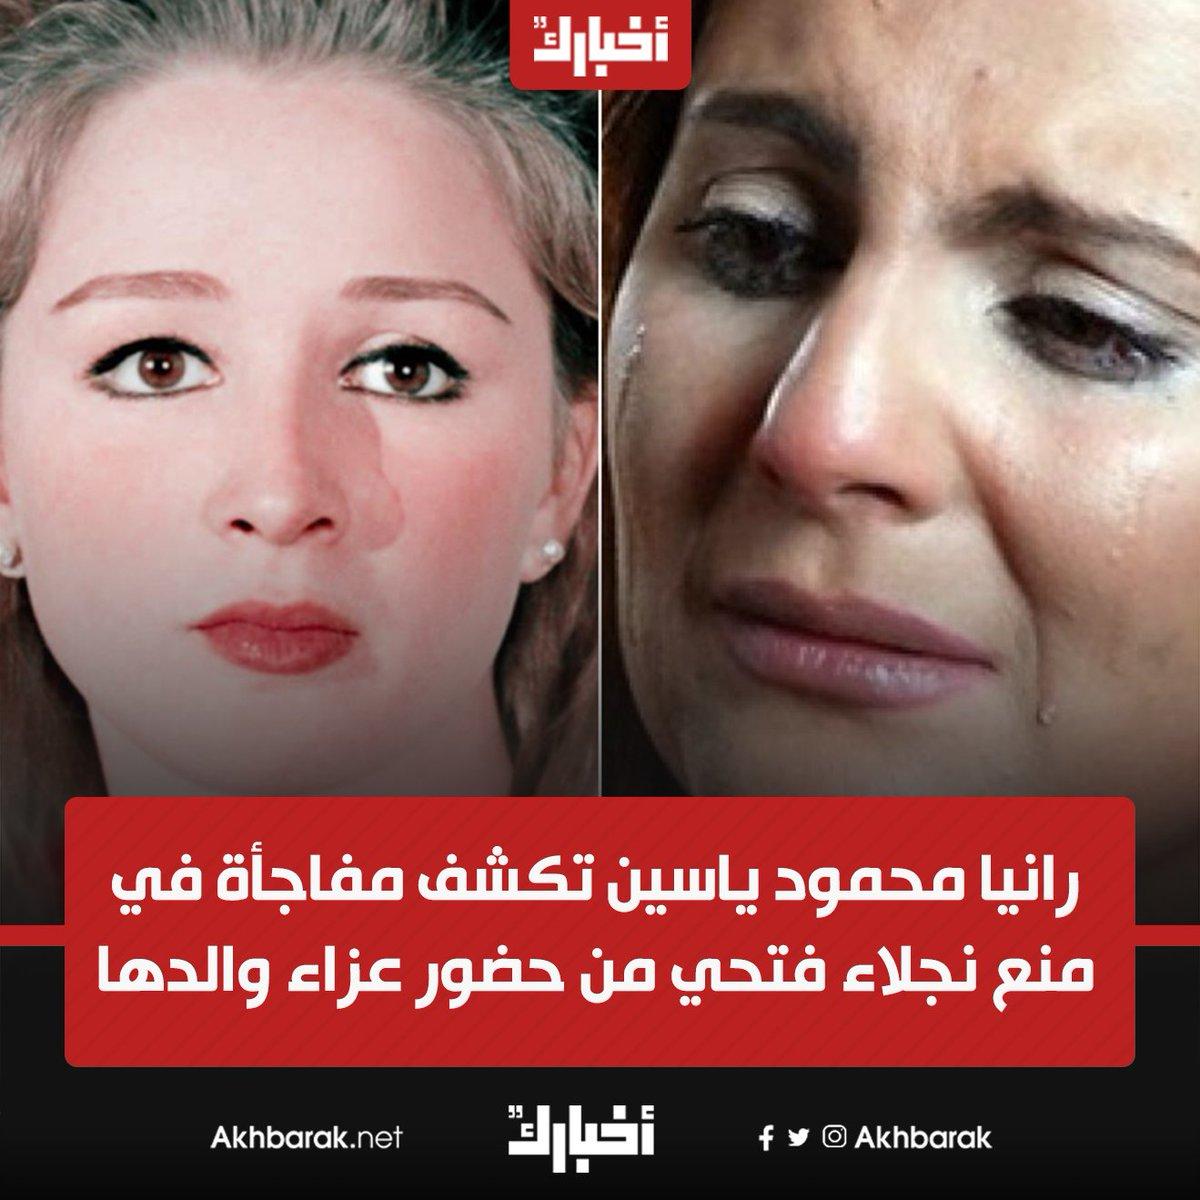 ردت رانيا محمود ياسين على سبب منع الفنانة نجلاء فتحي من حضور عزاء الراحل محمود ياسين سبوتنيك| https://t.co/4Jp5VAu0fq https://t.co/wiQzXzJcld